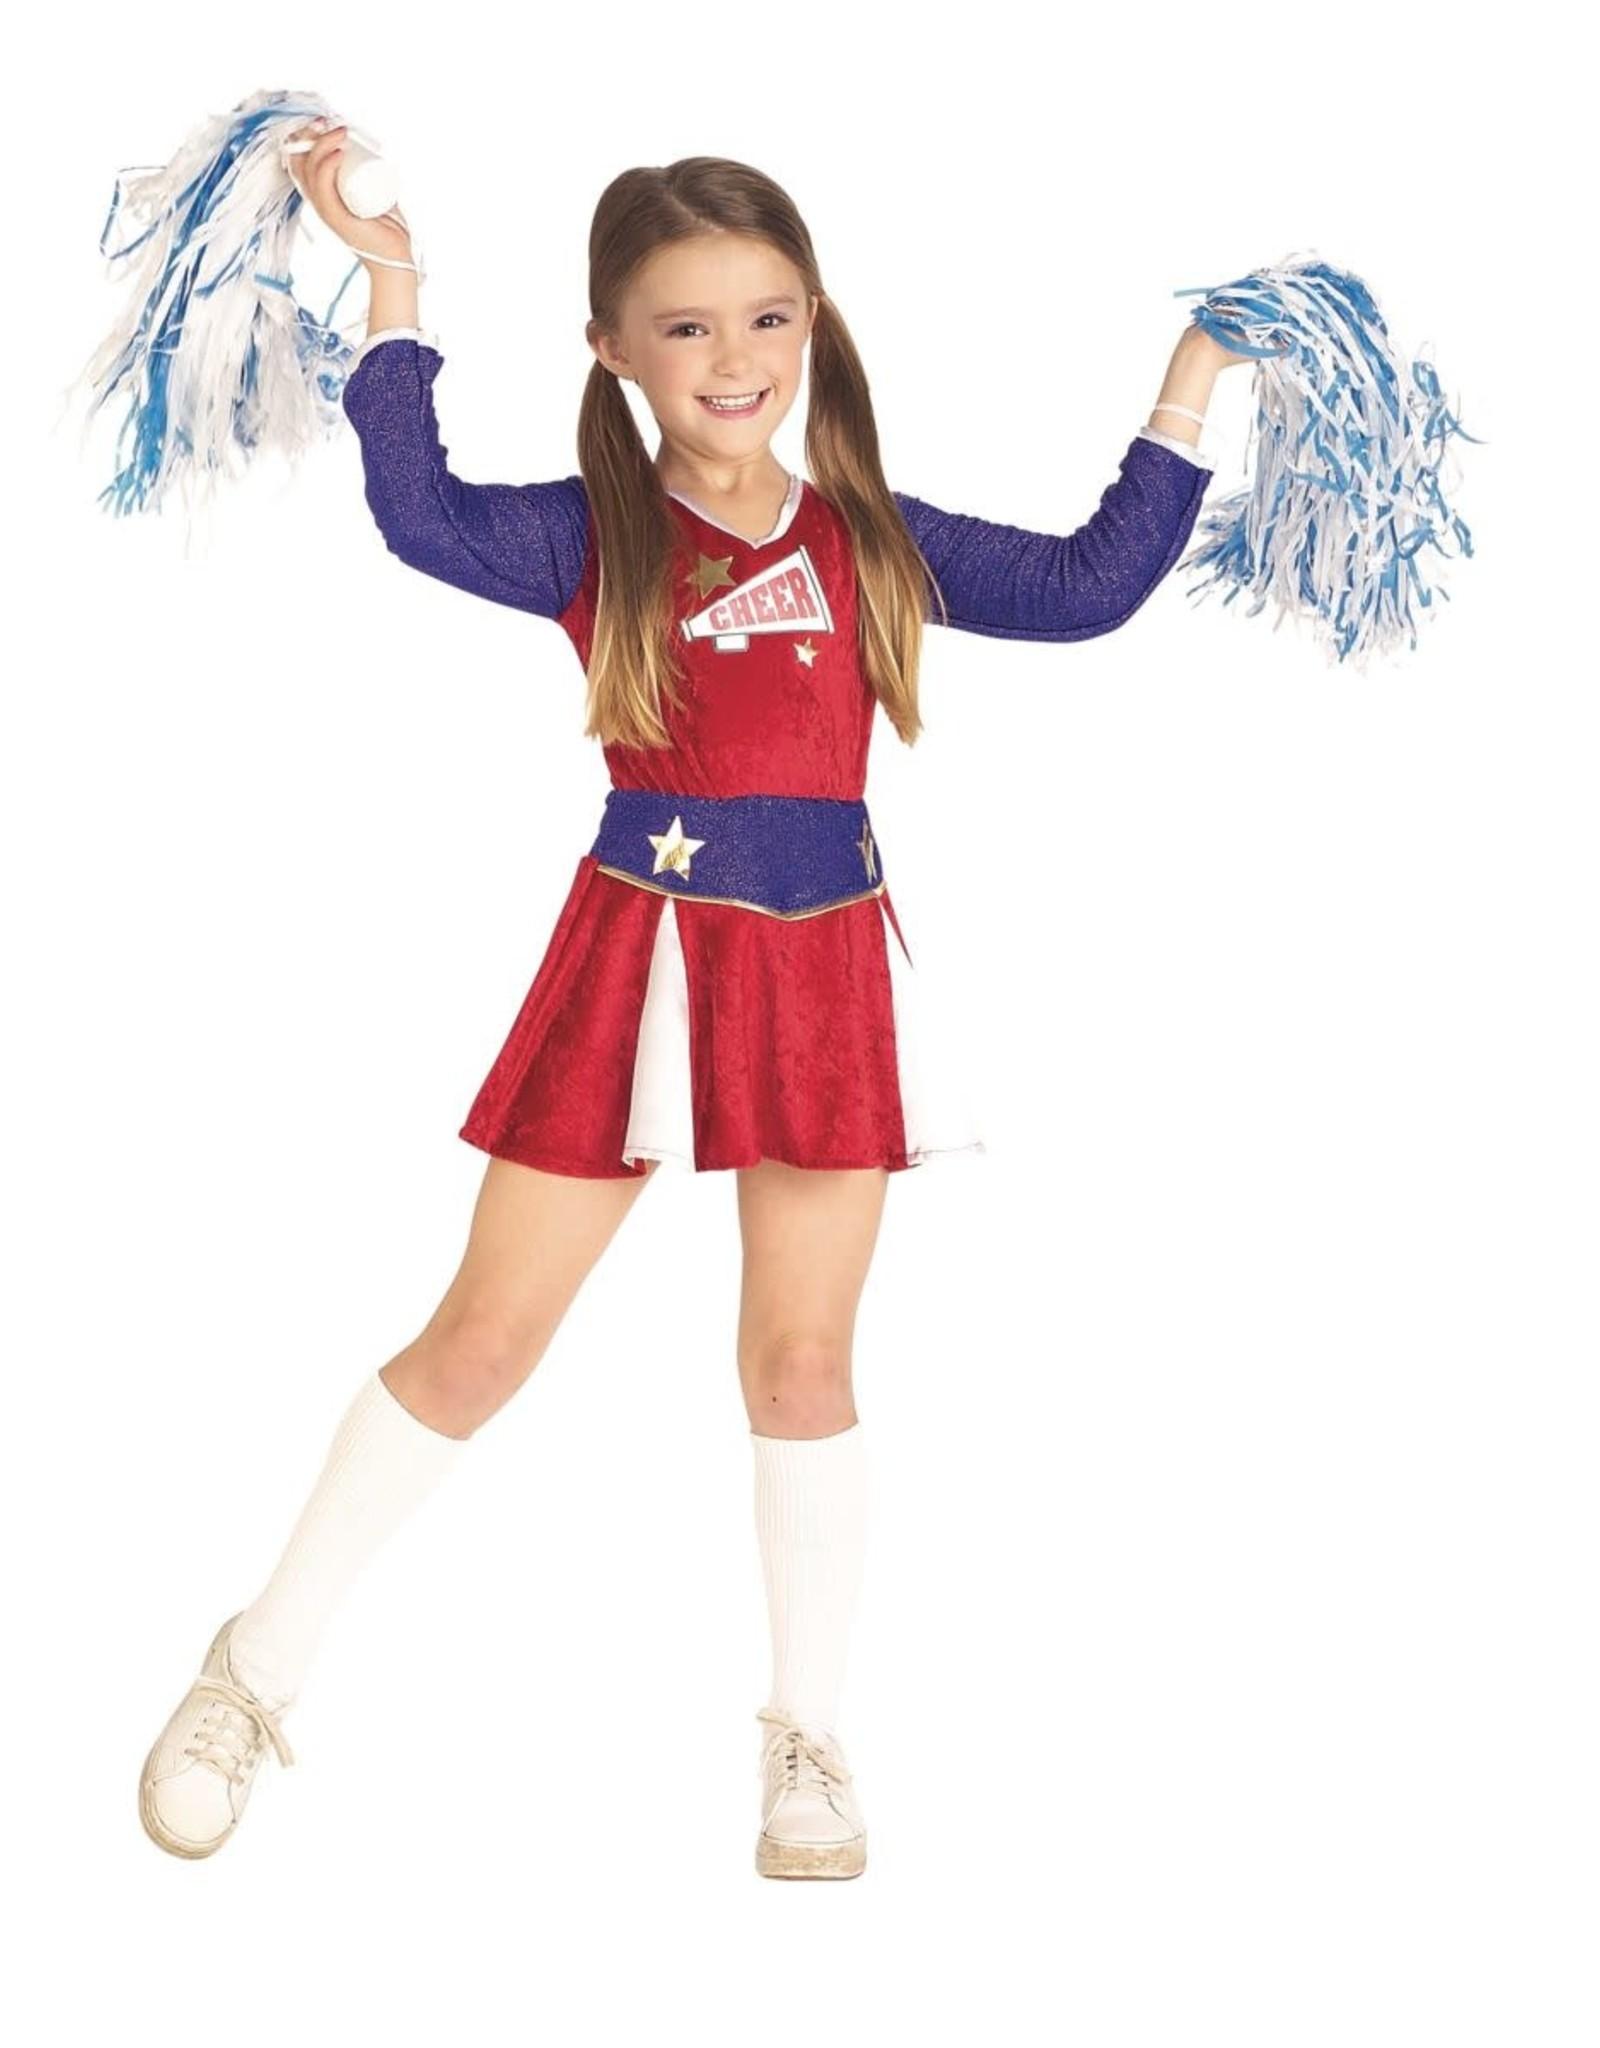 Rubies Costume Children's Cheerleader Dress